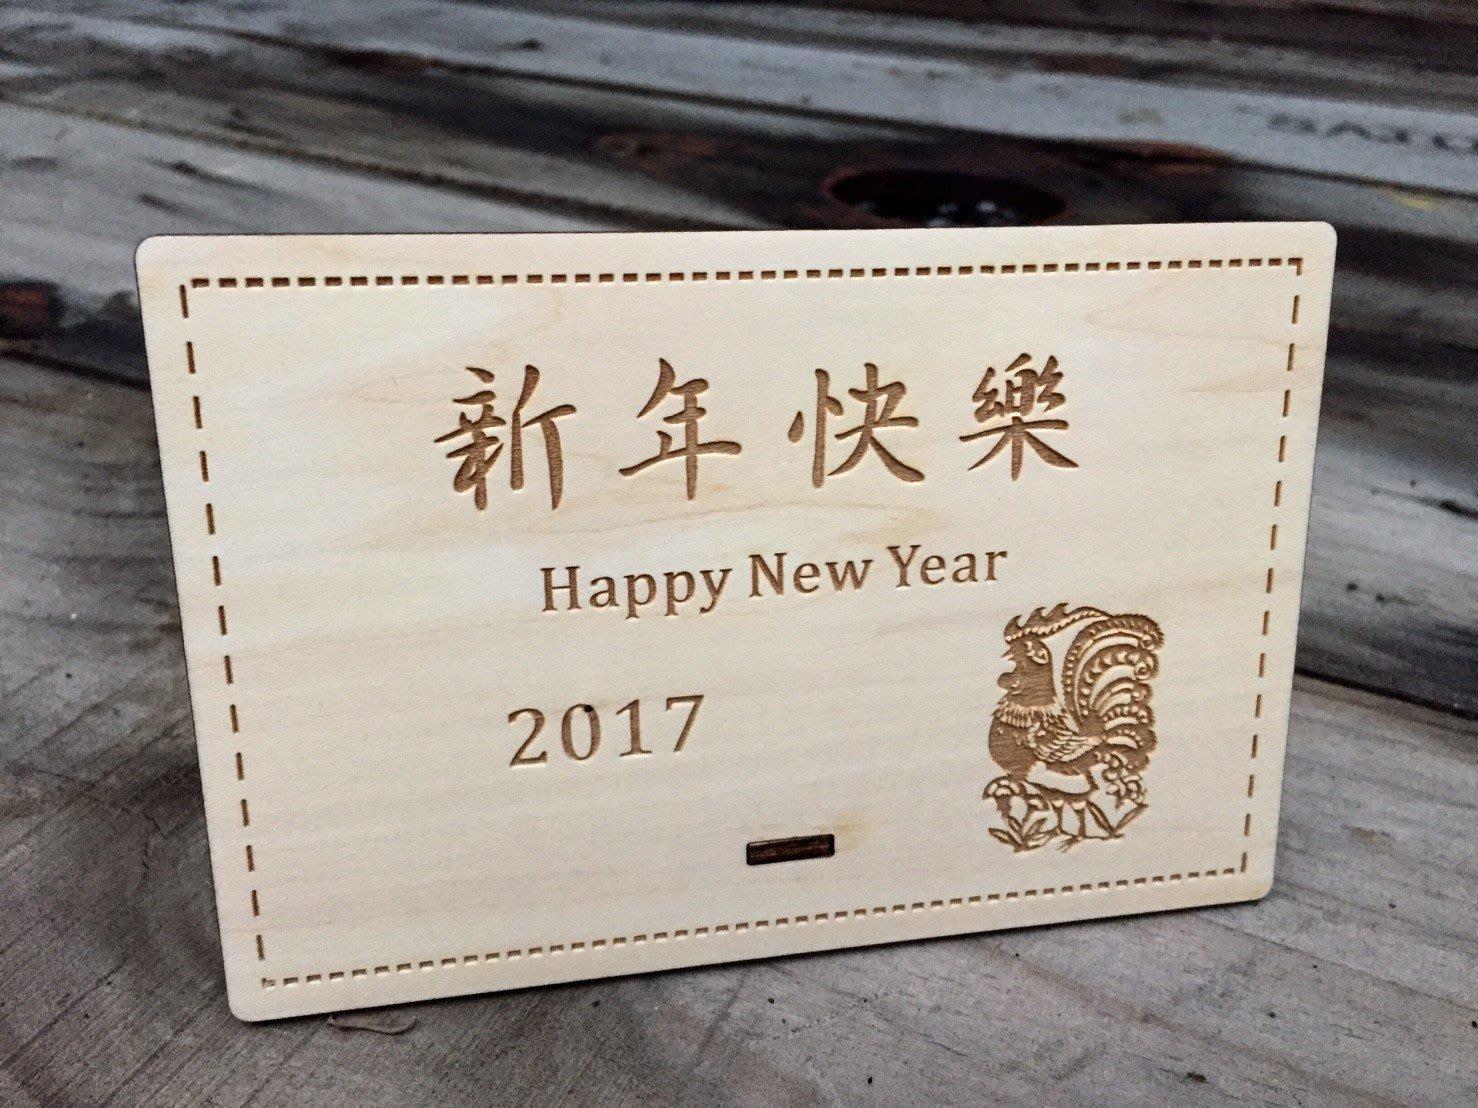 竹藝坊-木製卡片,客製化喜帖。結婚喜帖,請帖。菜單。